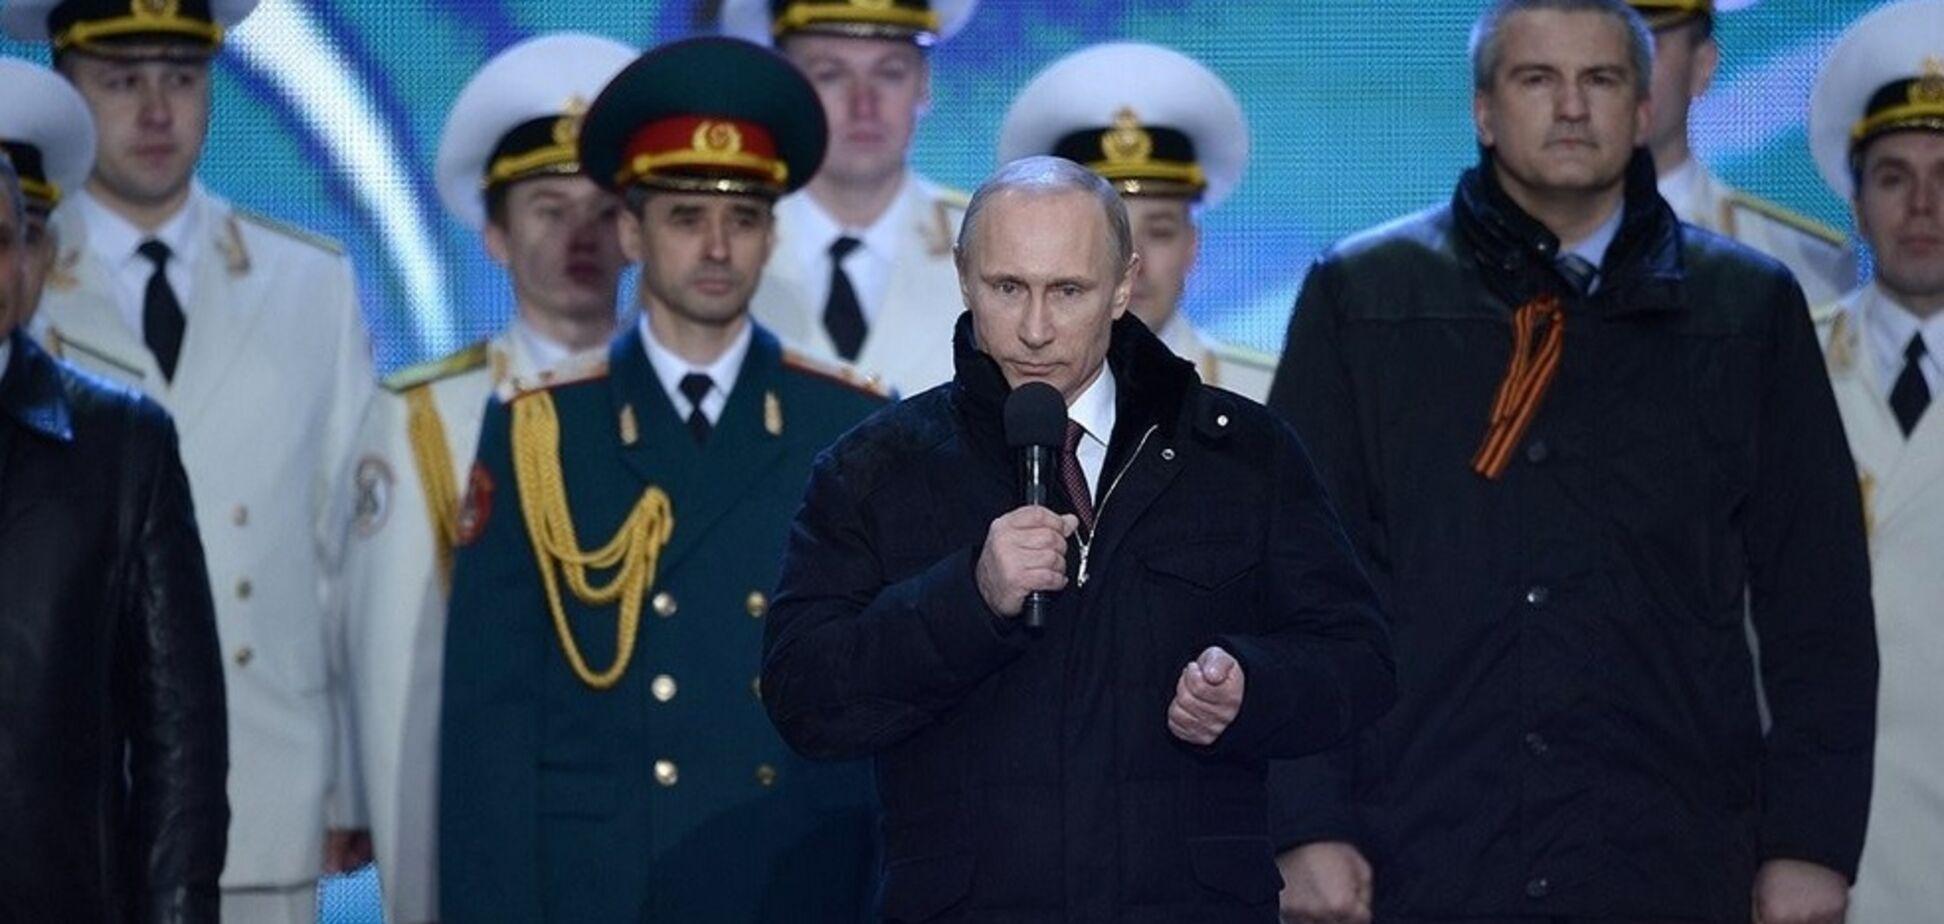 Зеленський може завдати страшенного удару по Путіну і Росії